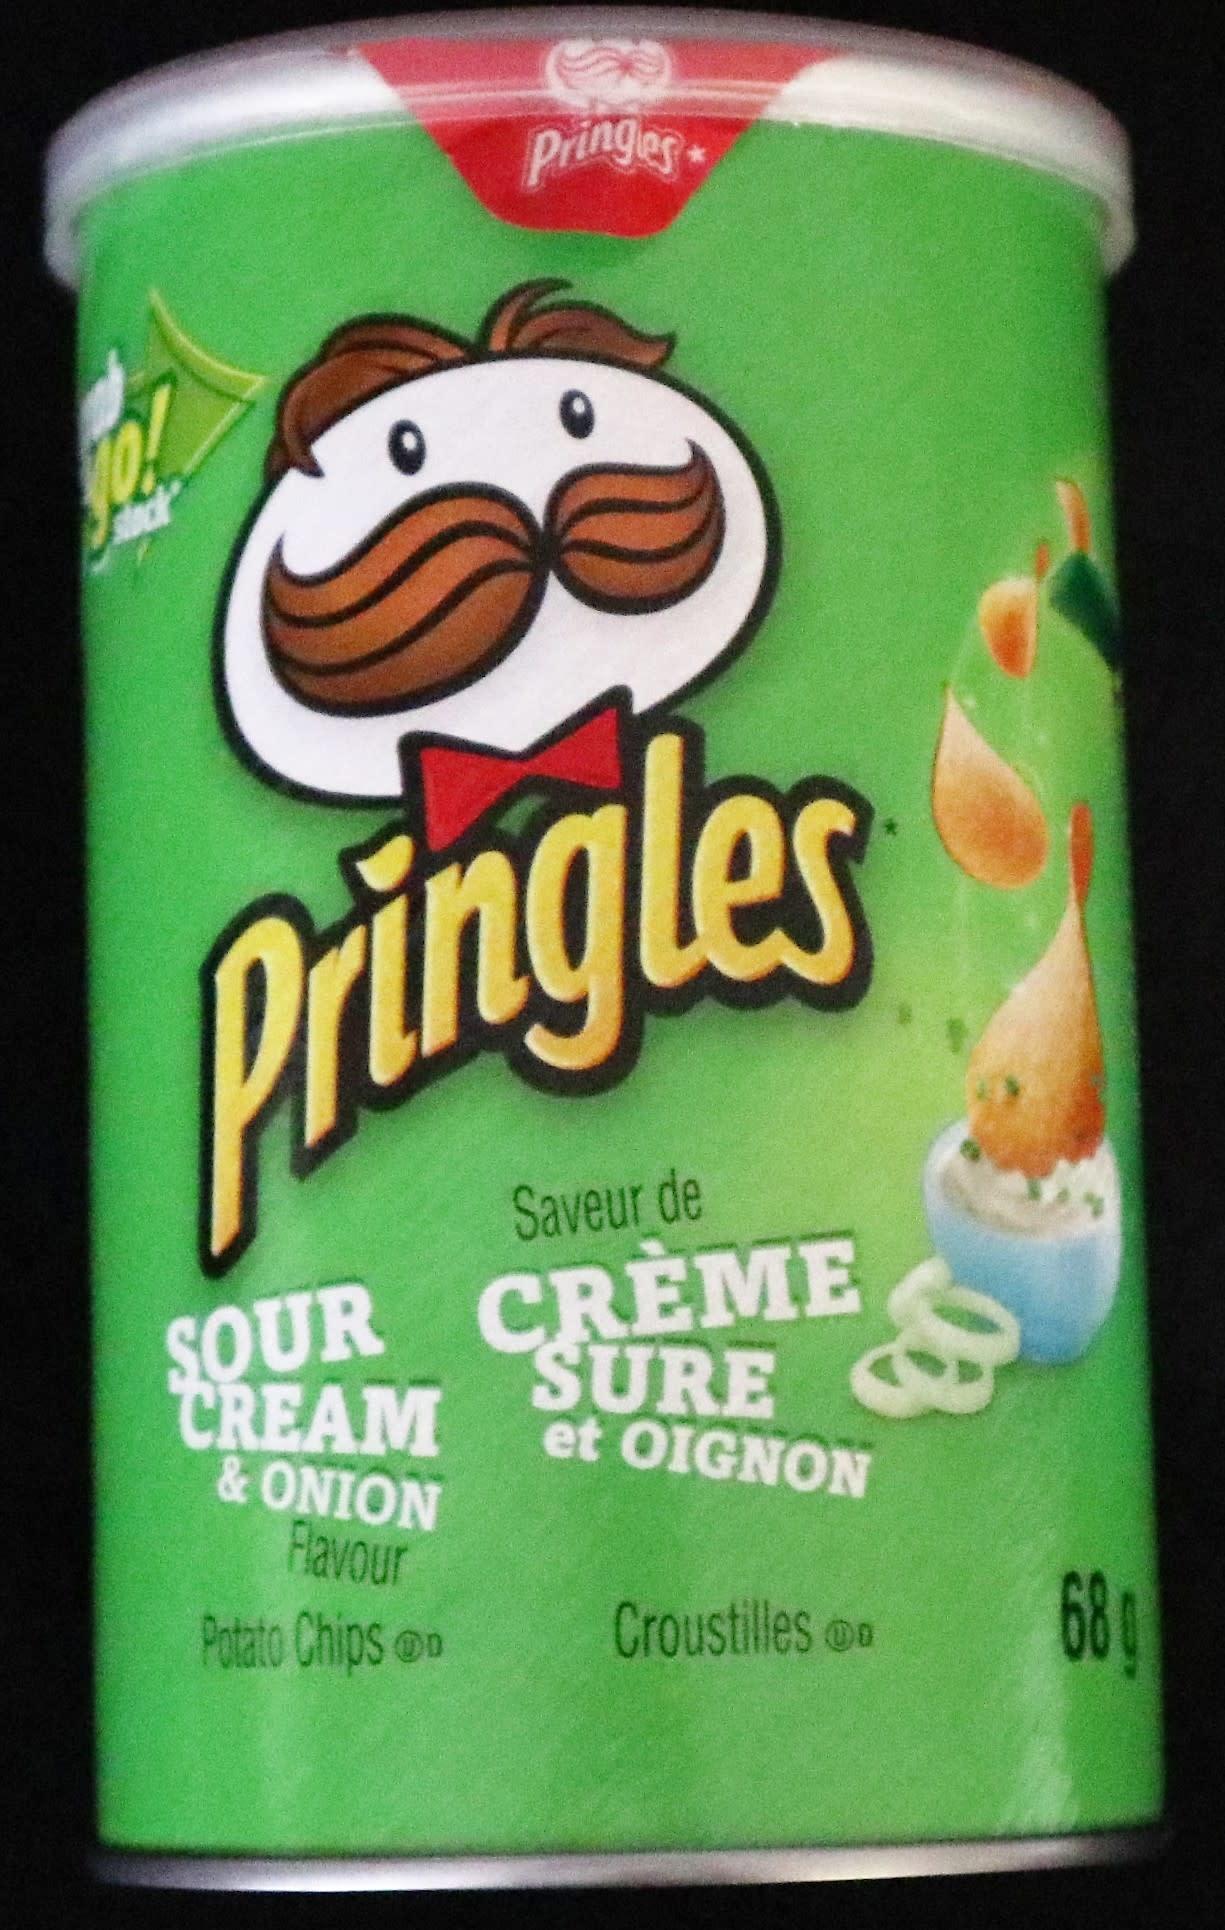 Pringles Pringles - Sour Cream - 68g